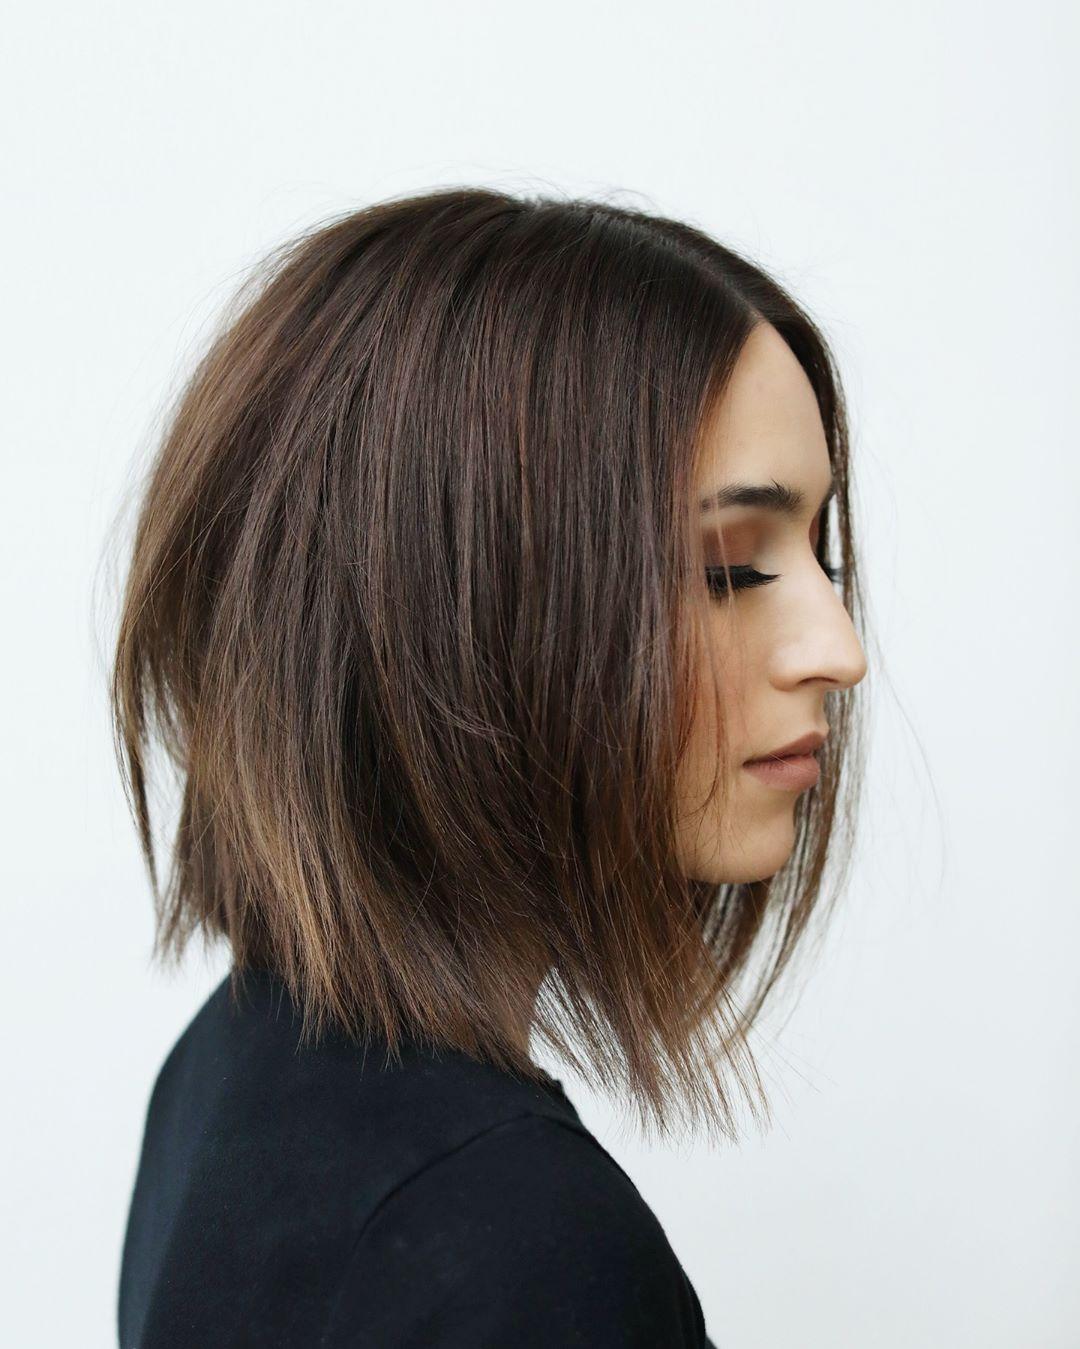 آموزش انواع روش های کوتاهی مو در آموزشگاه